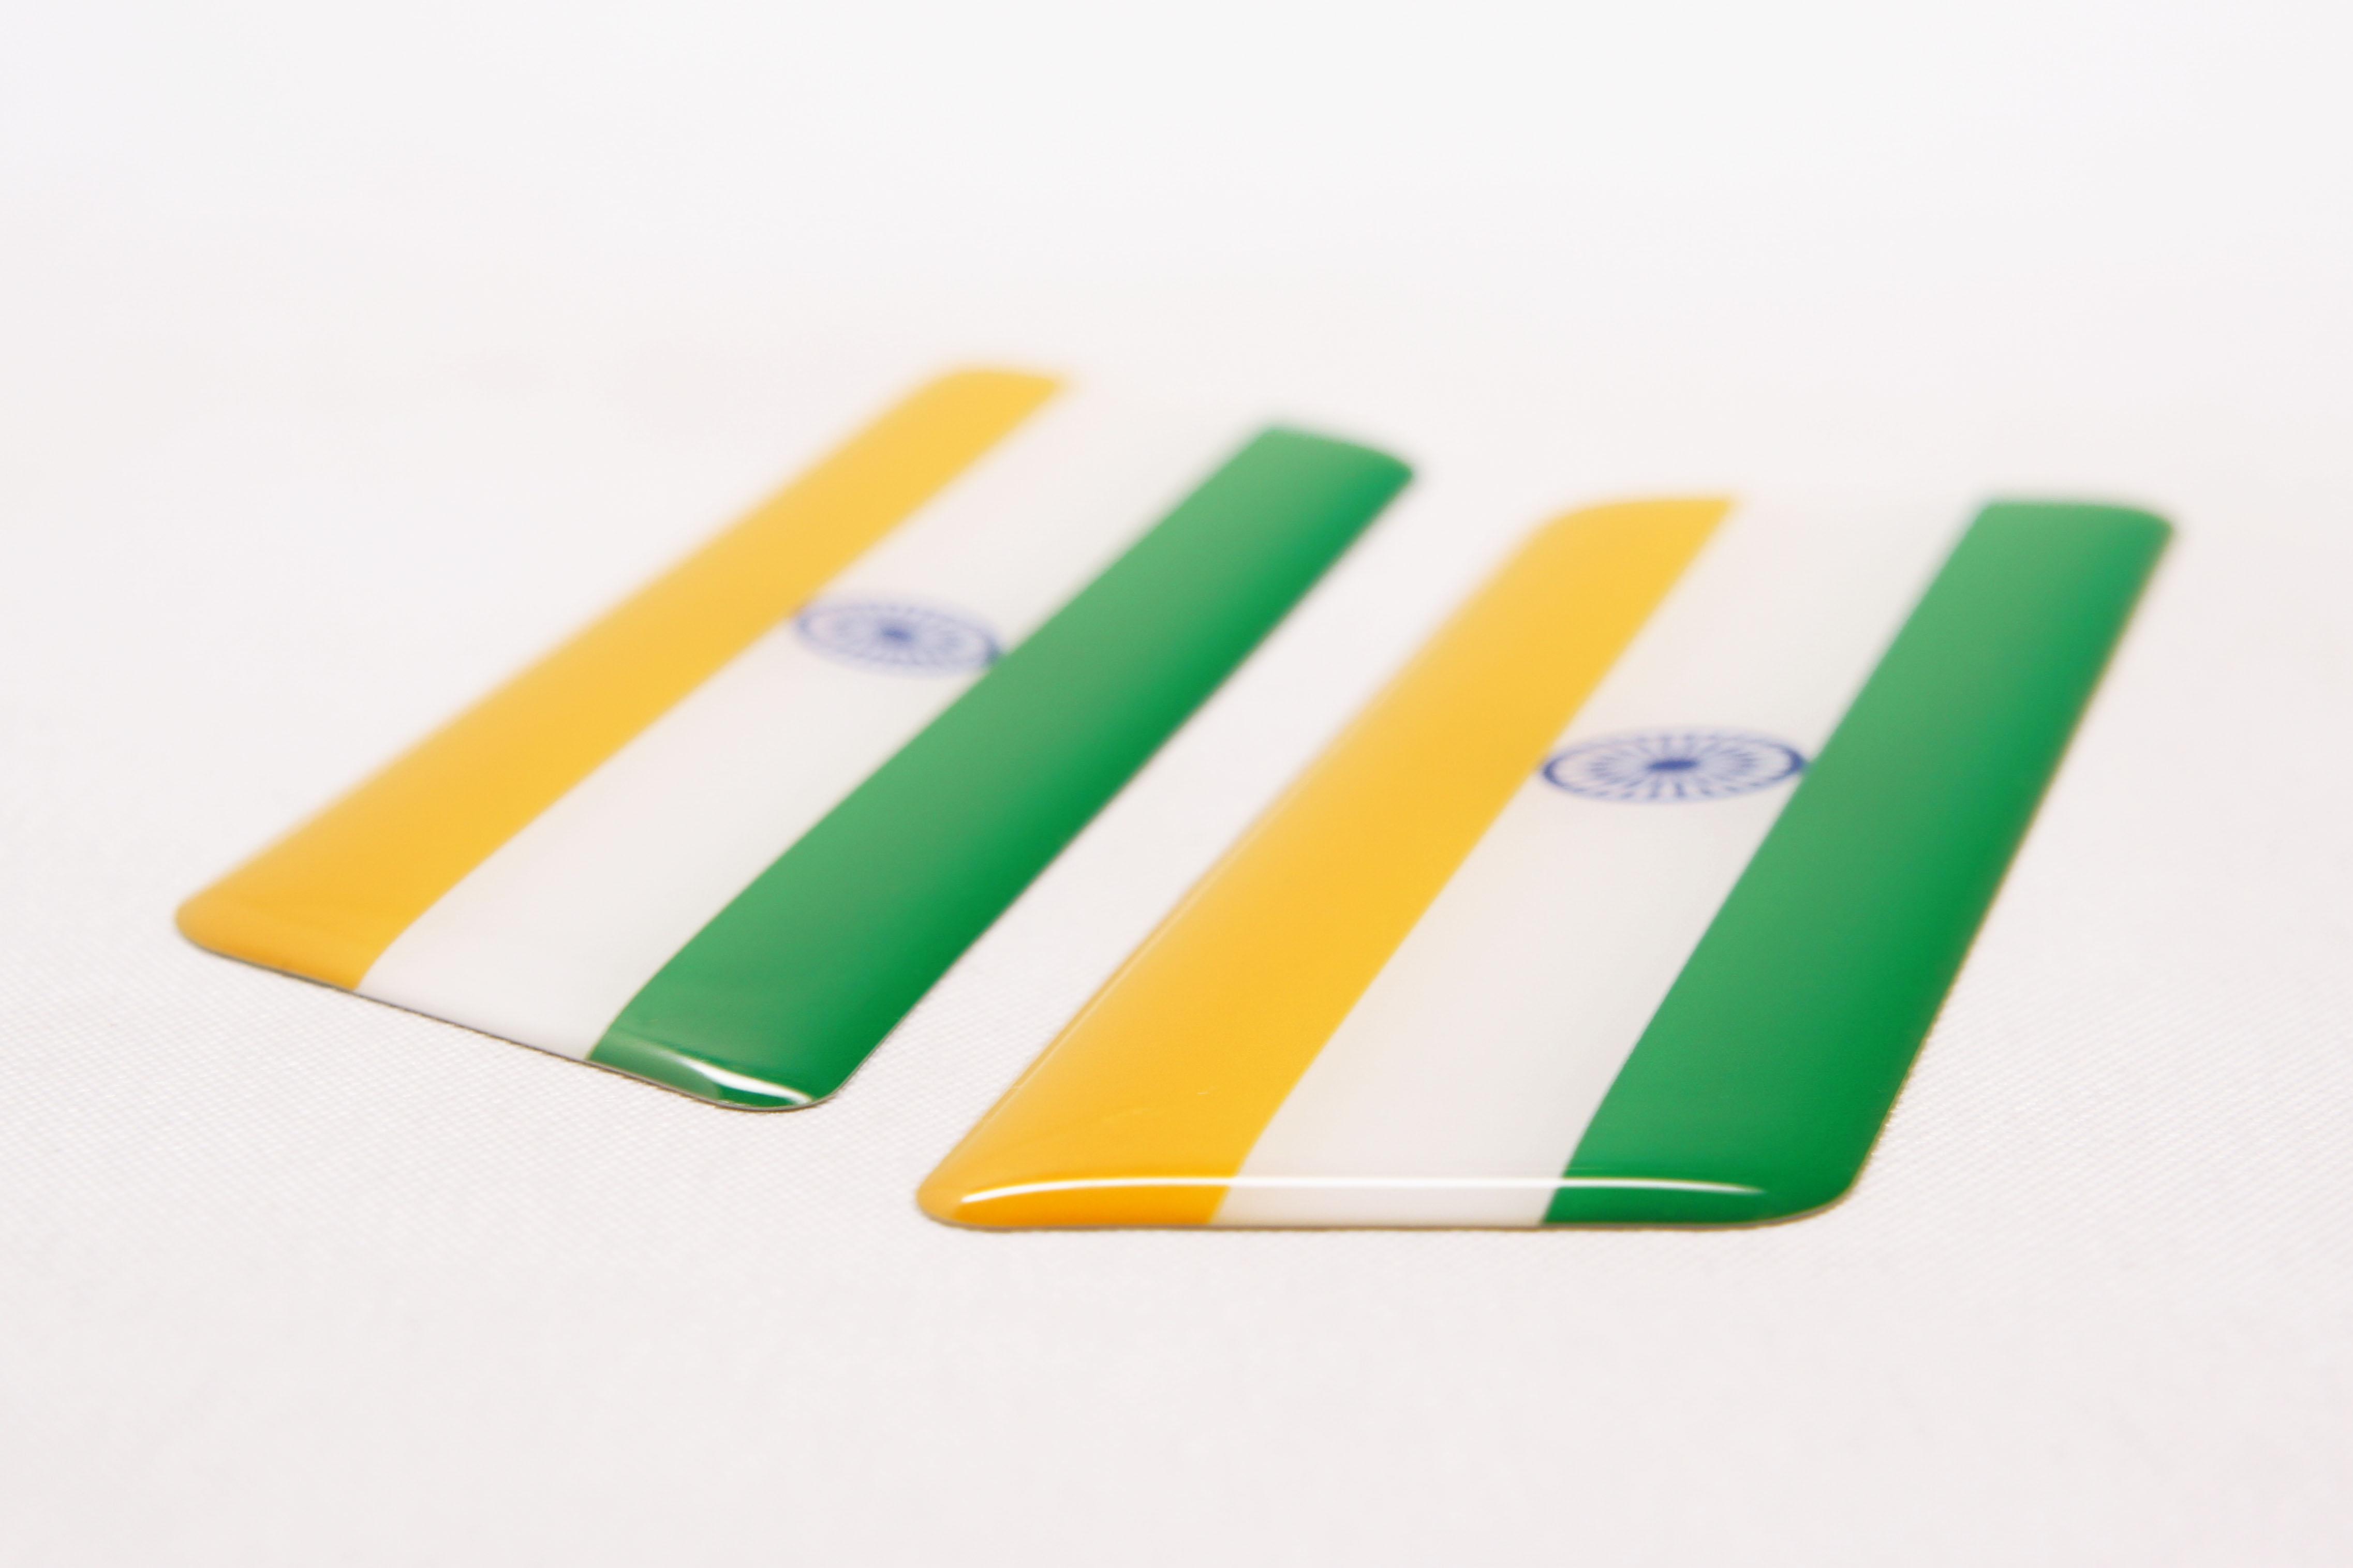 世界の国旗 アジア・オセアニア地区 厚みイメージ